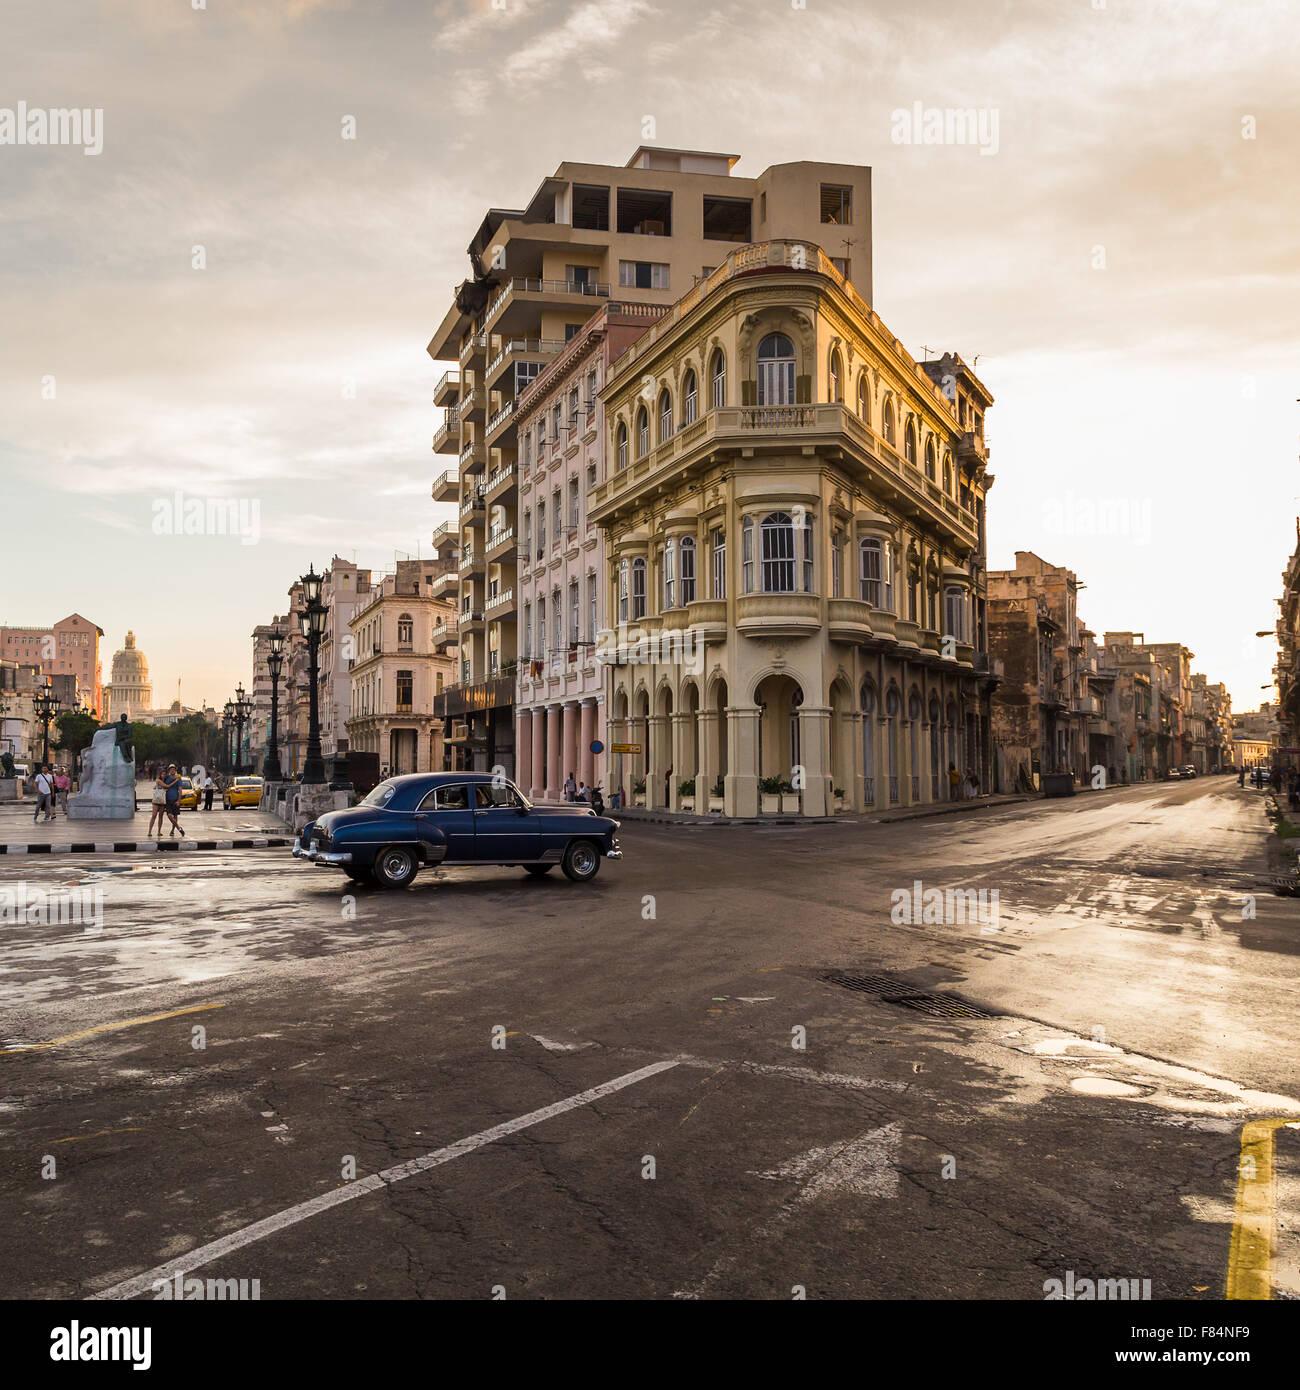 La giunzione di San Lazaro & il Prado illuminato nella splendida luce dorata come il sole comincia a set. Immagini Stock